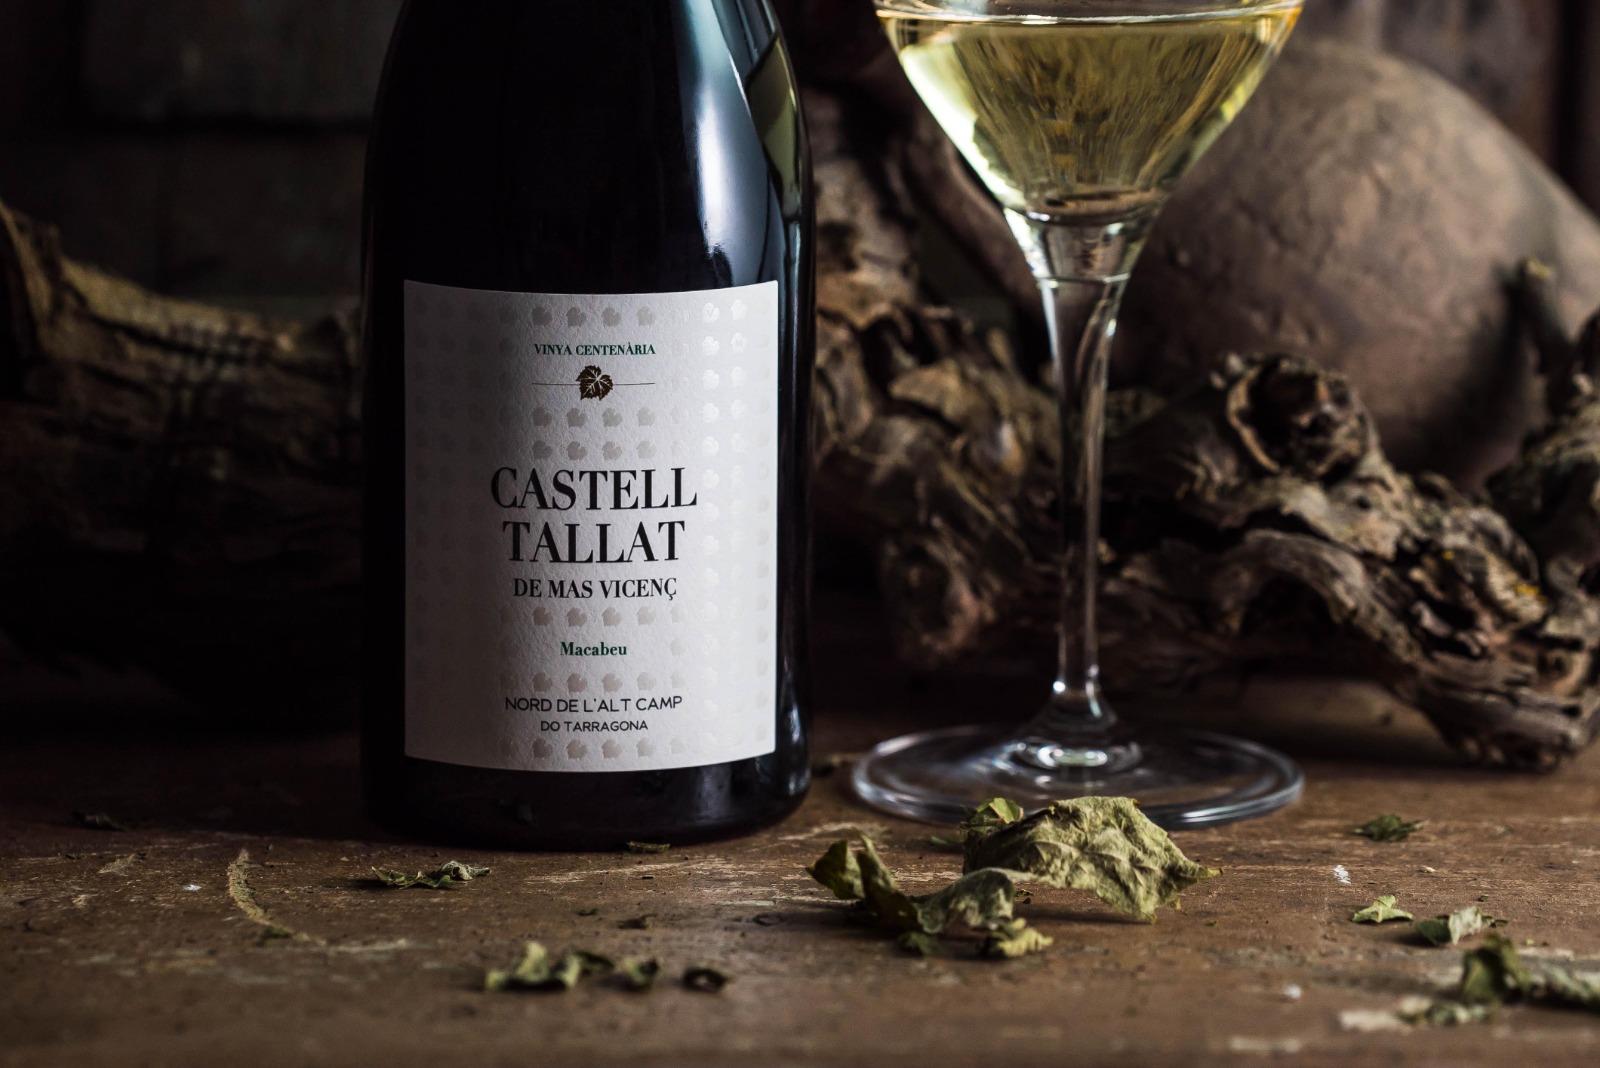 Castell Tallat, el nou vi de Mas Vicenç amb una etiqueta plena de detalls